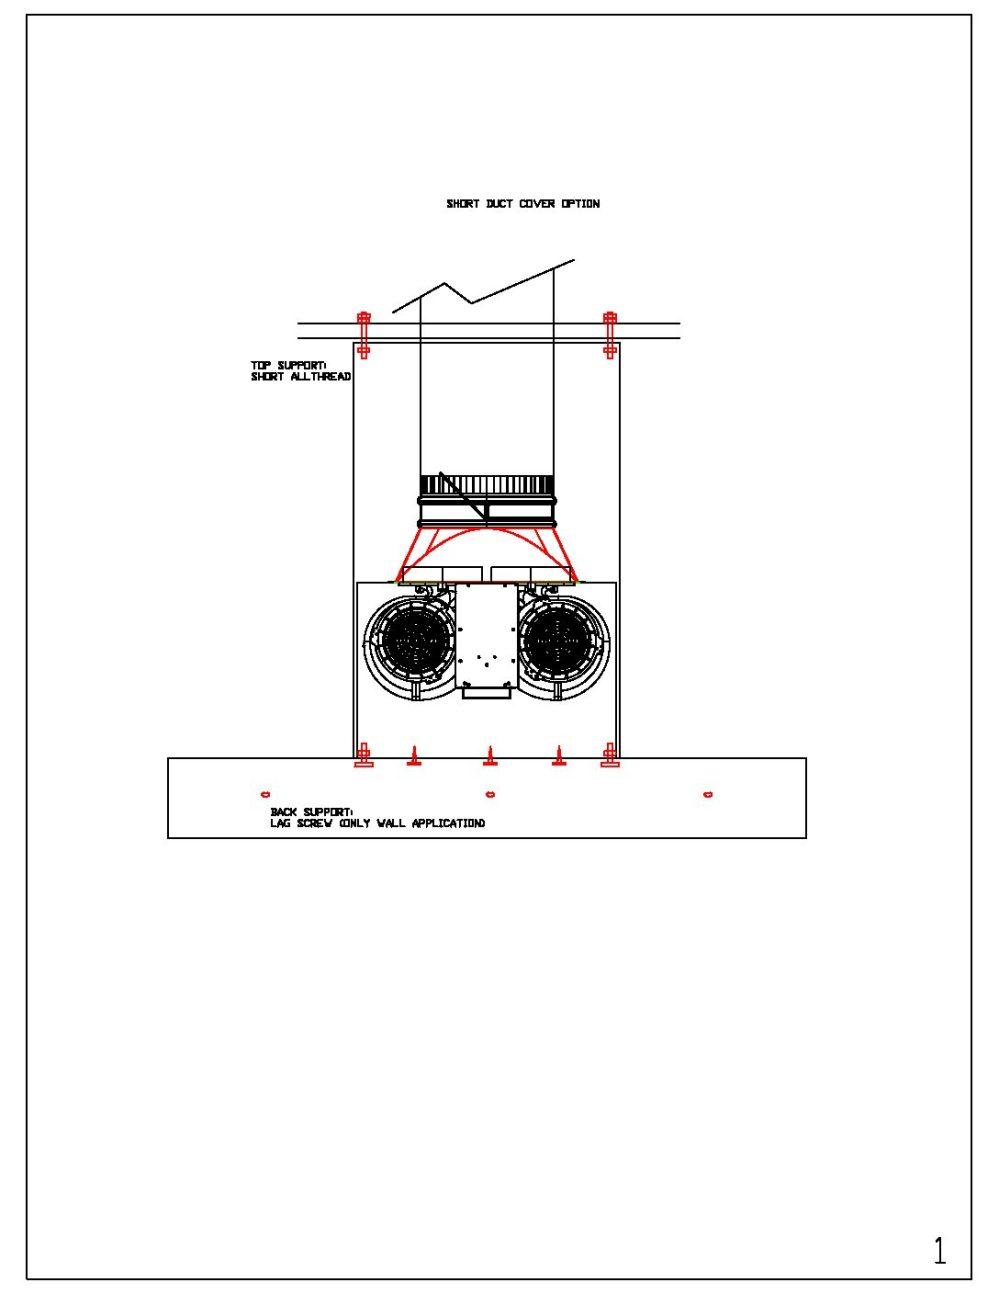 medium resolution of manhattan wall island installation instructions